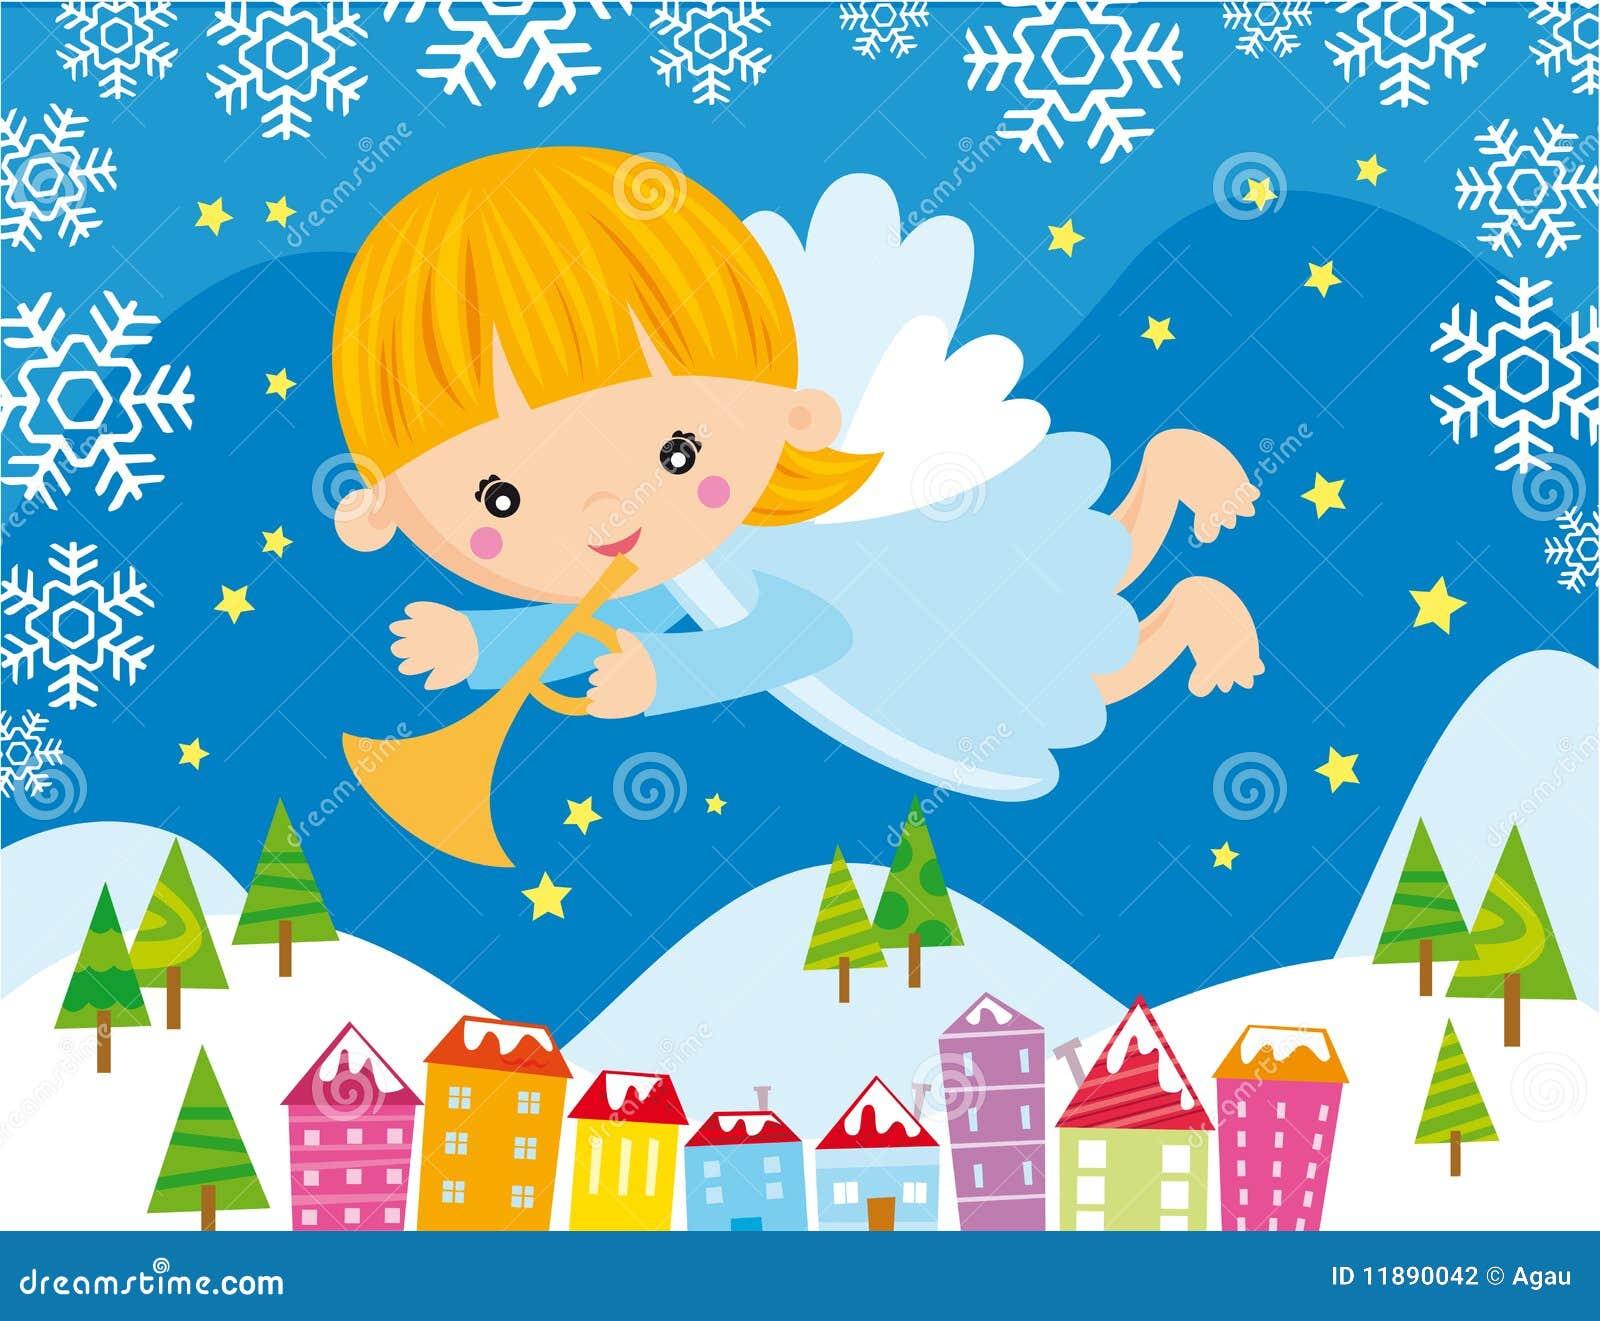 Christmas Angel Stock Photography - Image: 11890042